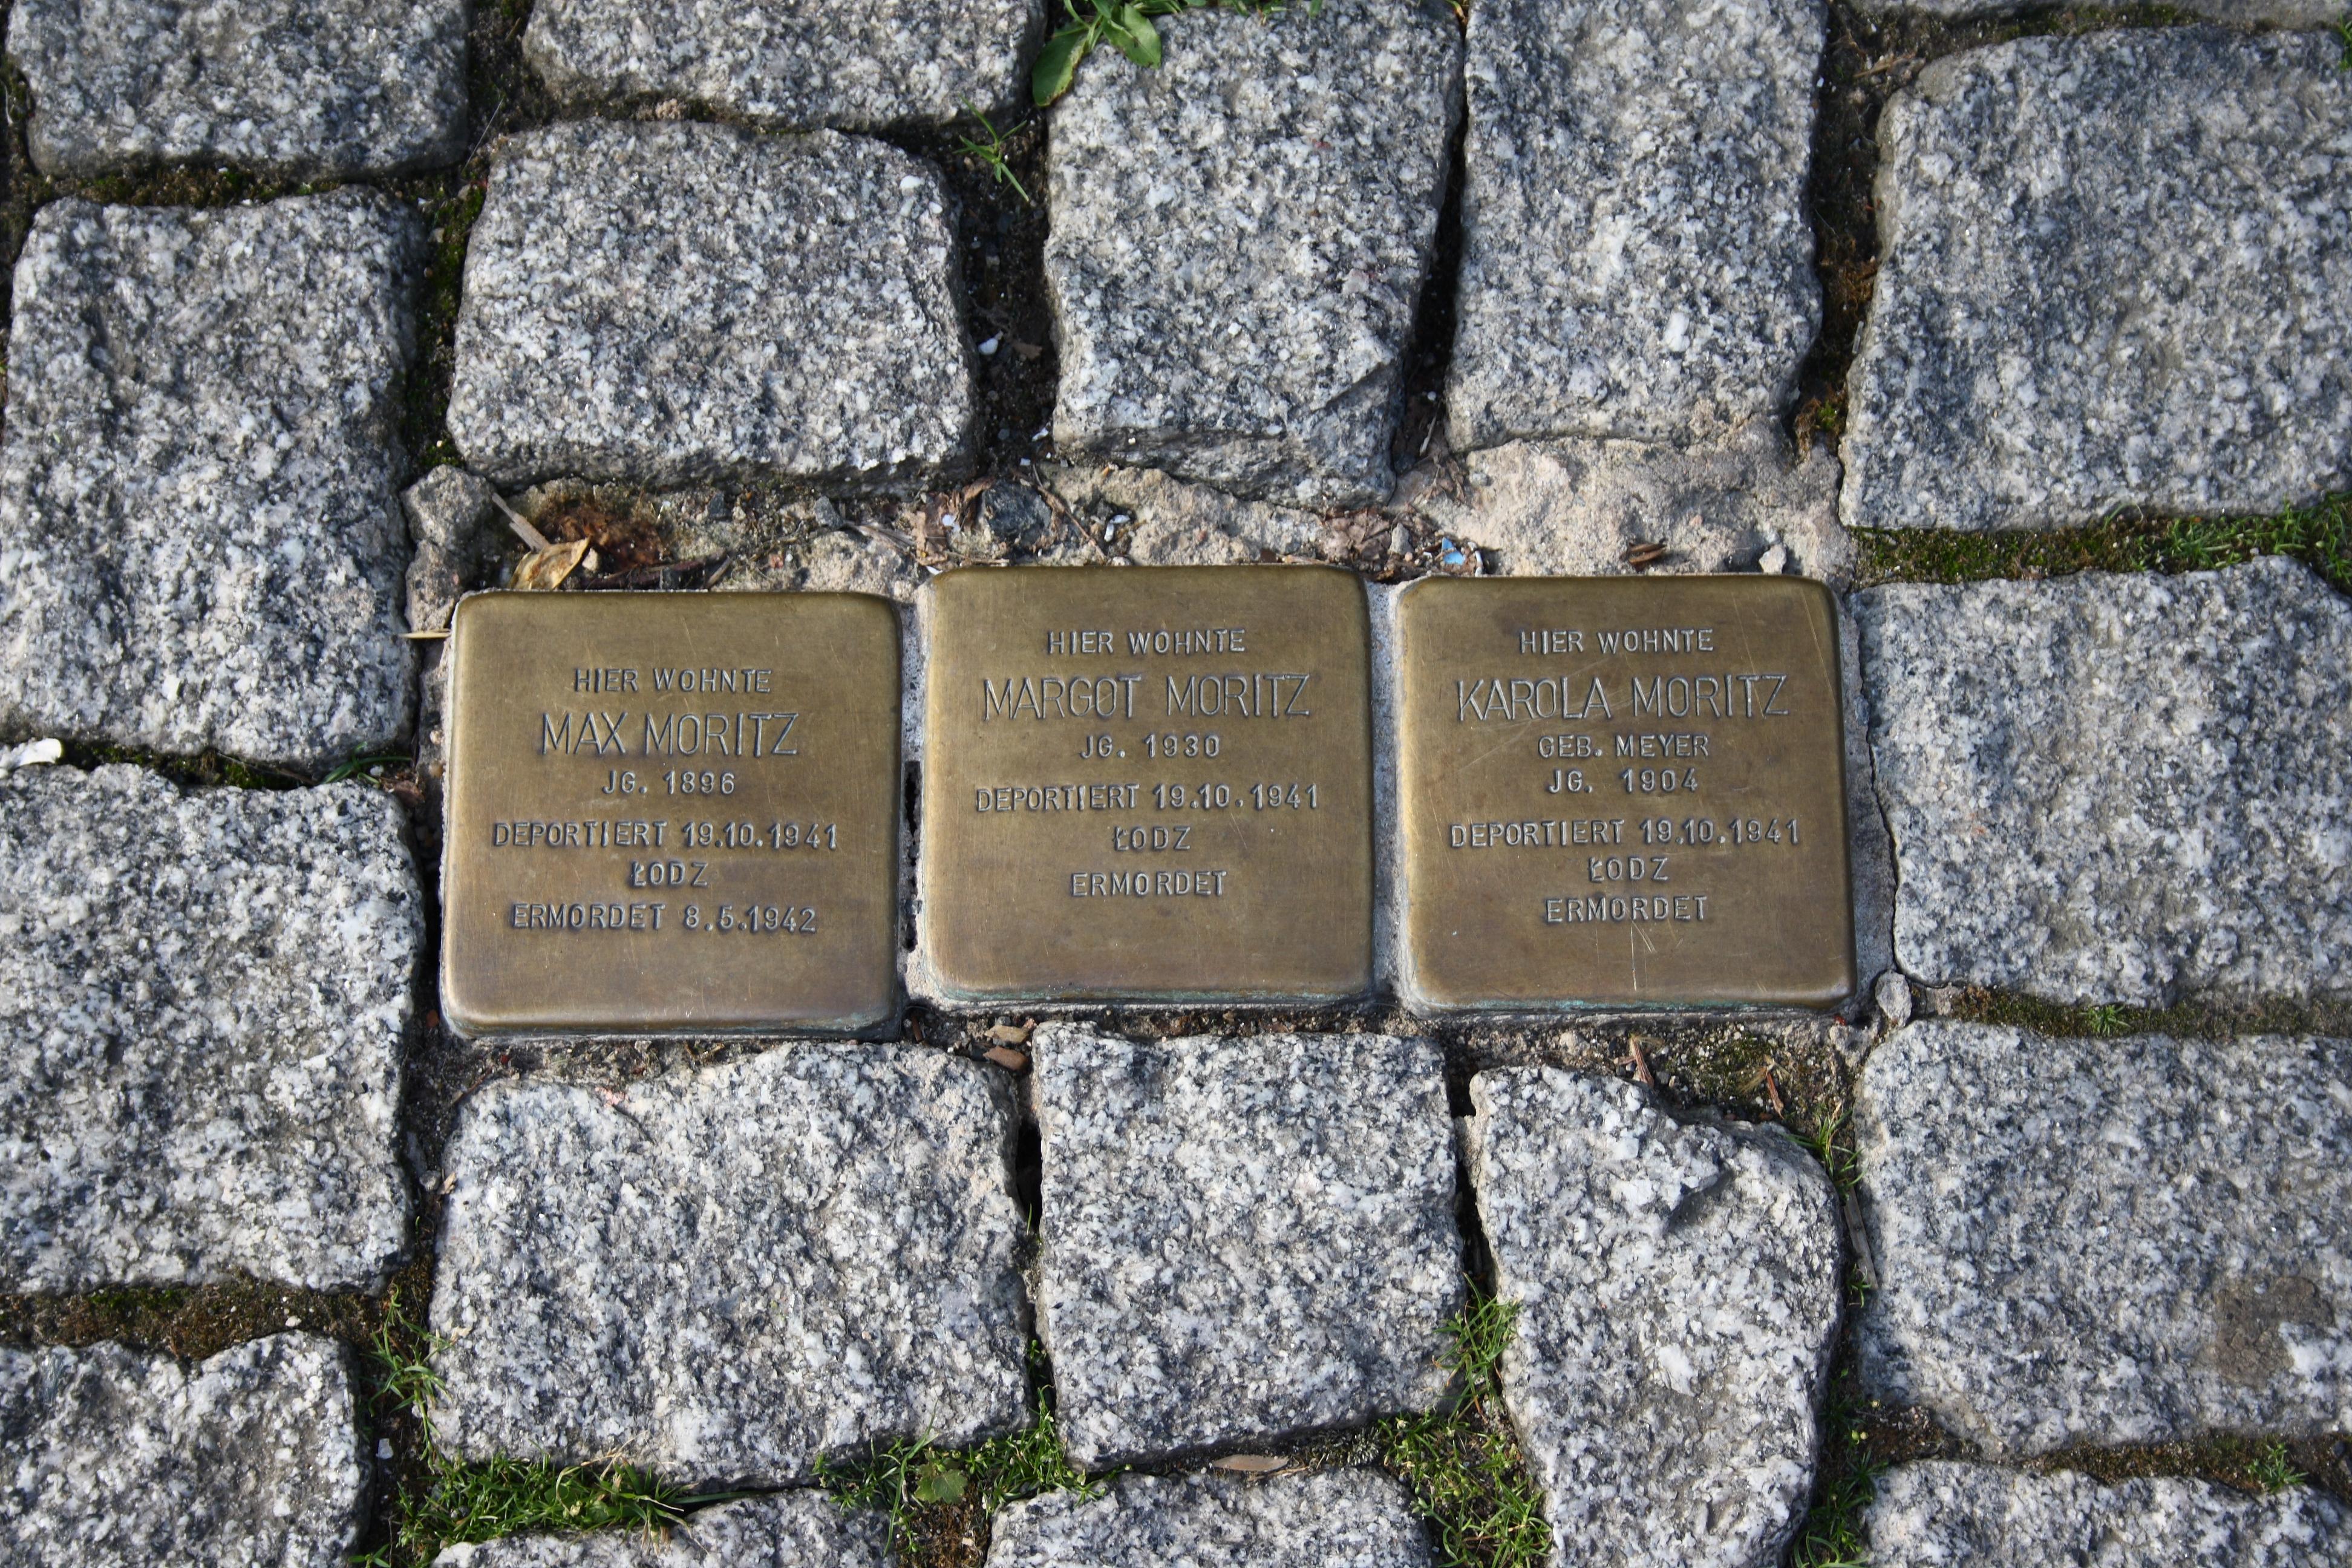 https://upload.wikimedia.org/wikipedia/commons/9/9a/Gelnhausen_Stolpersteine_178.JPG